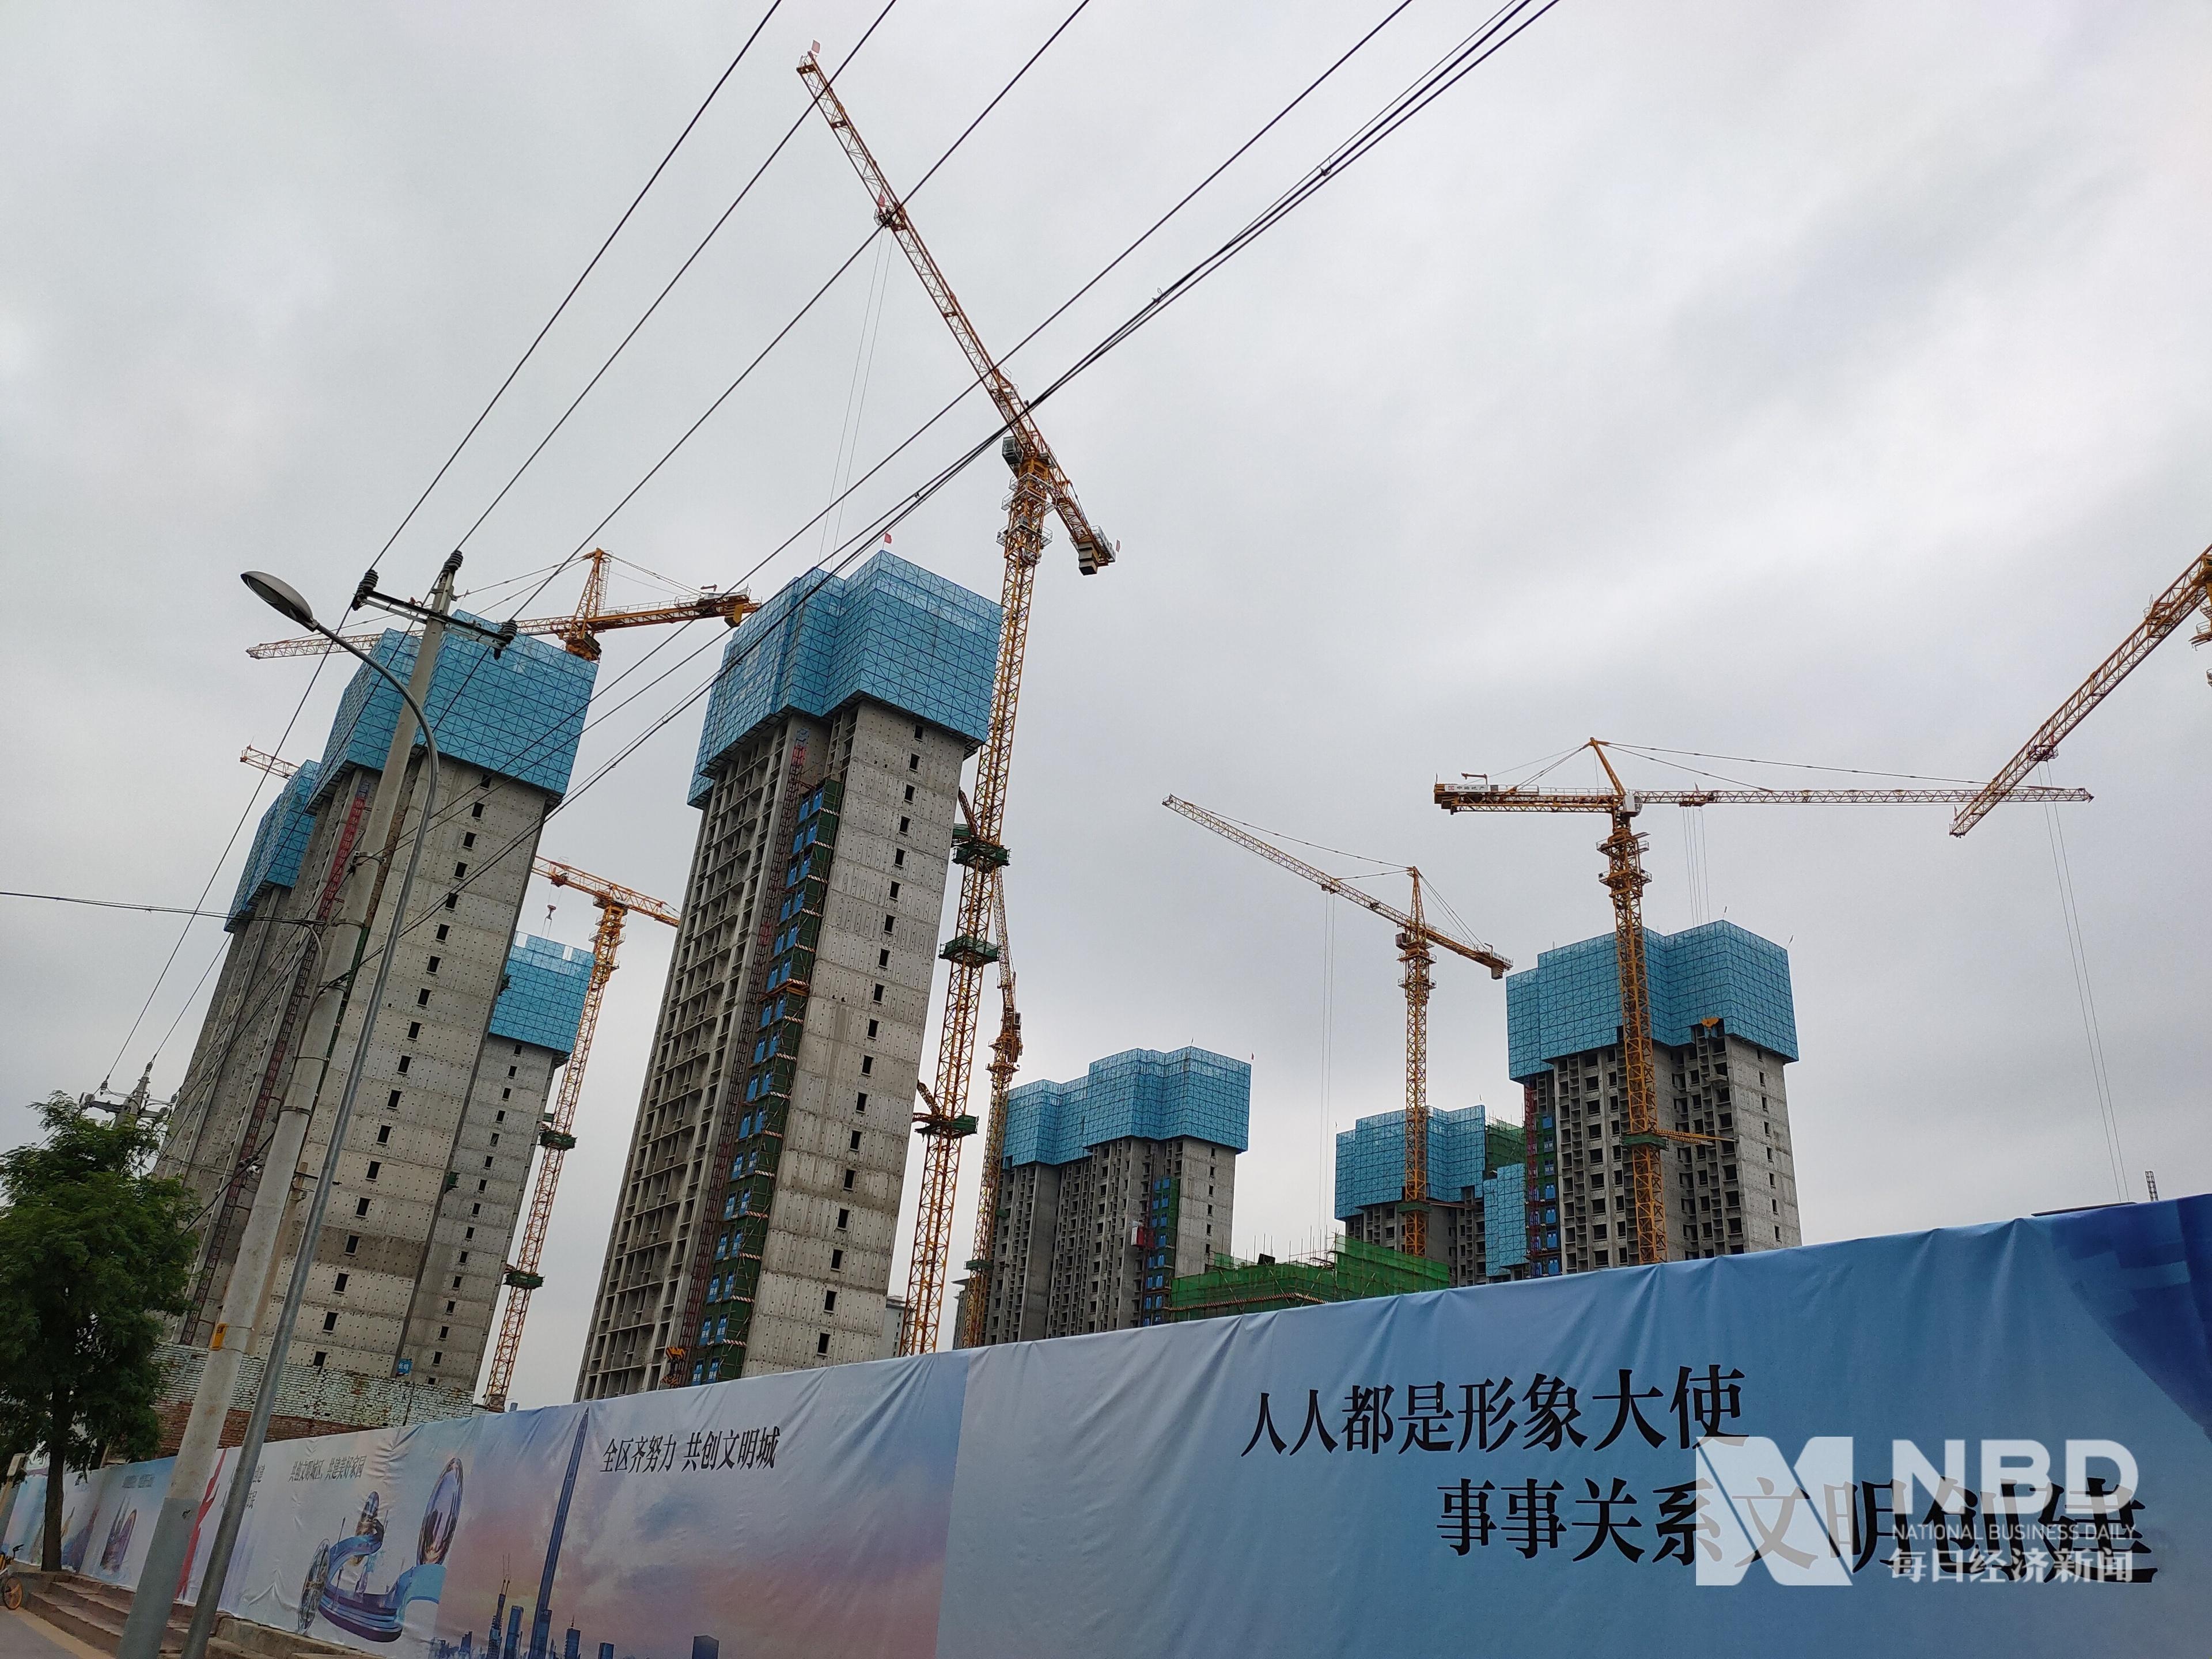 北京楼市2019年成交数据:新房增近5成 二手房较2016年腰斩